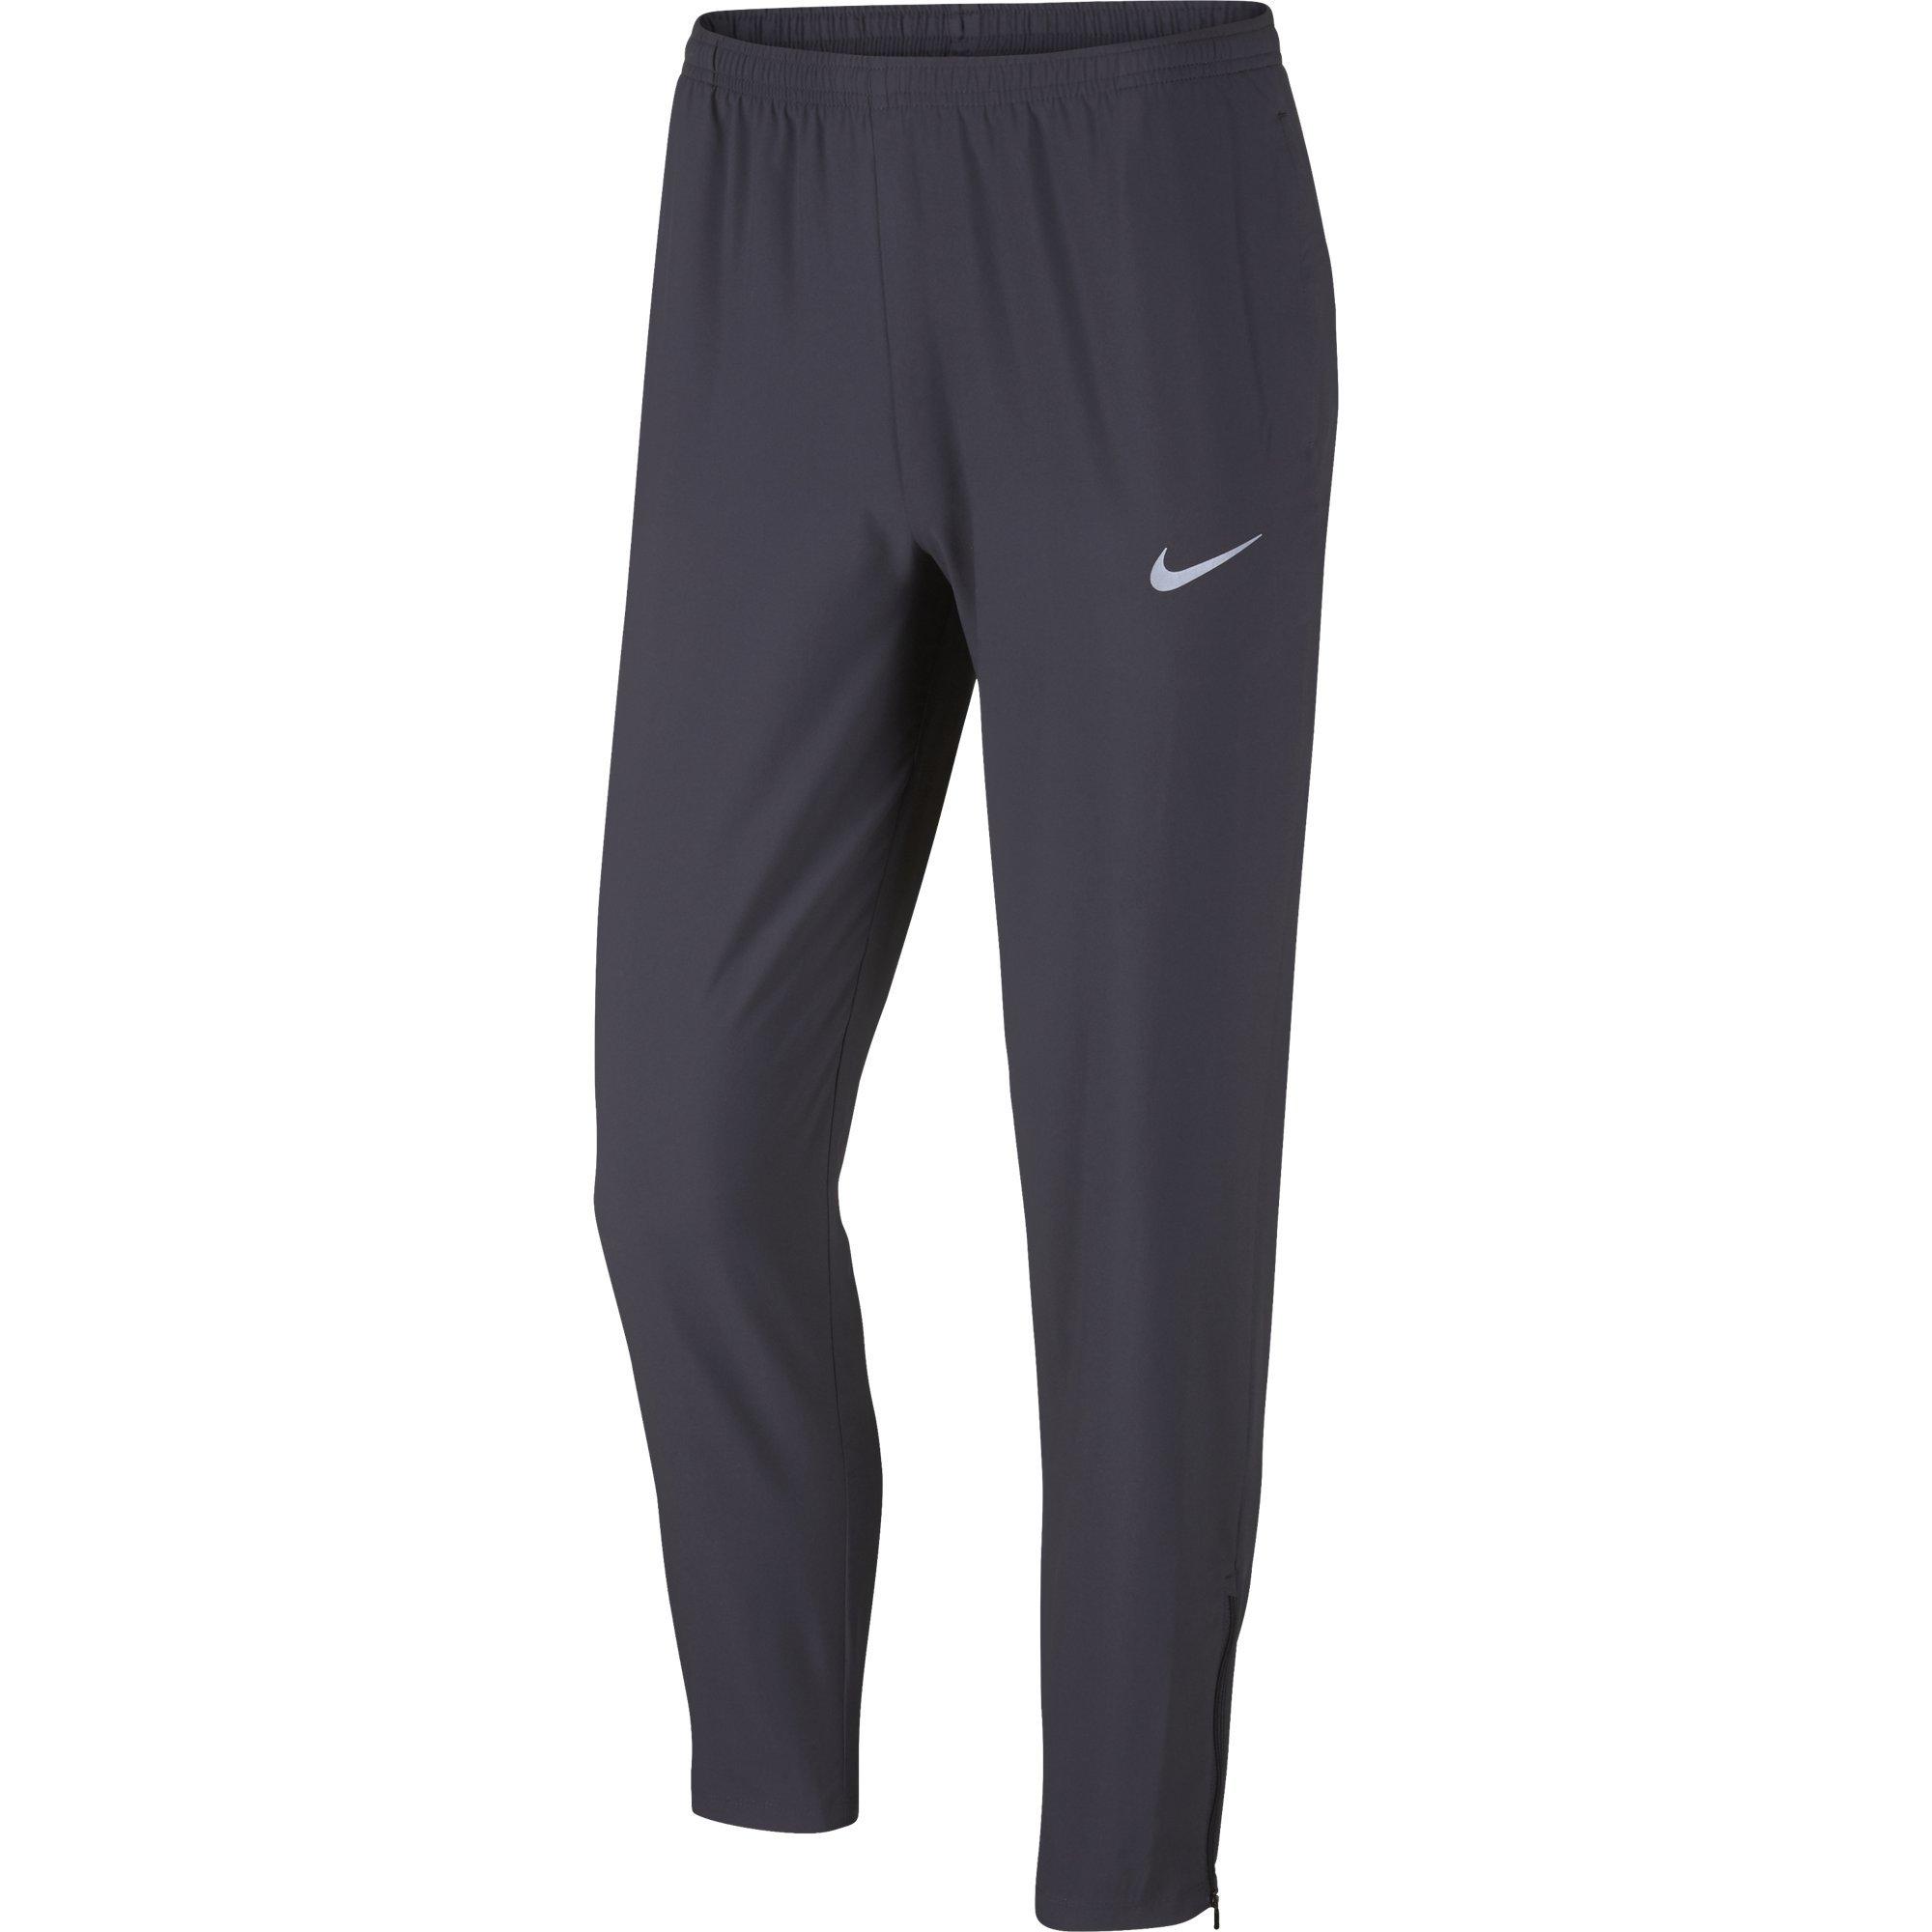 NIKE Men's Running Pants, Gridiron/Gridiron, Medium by Nike